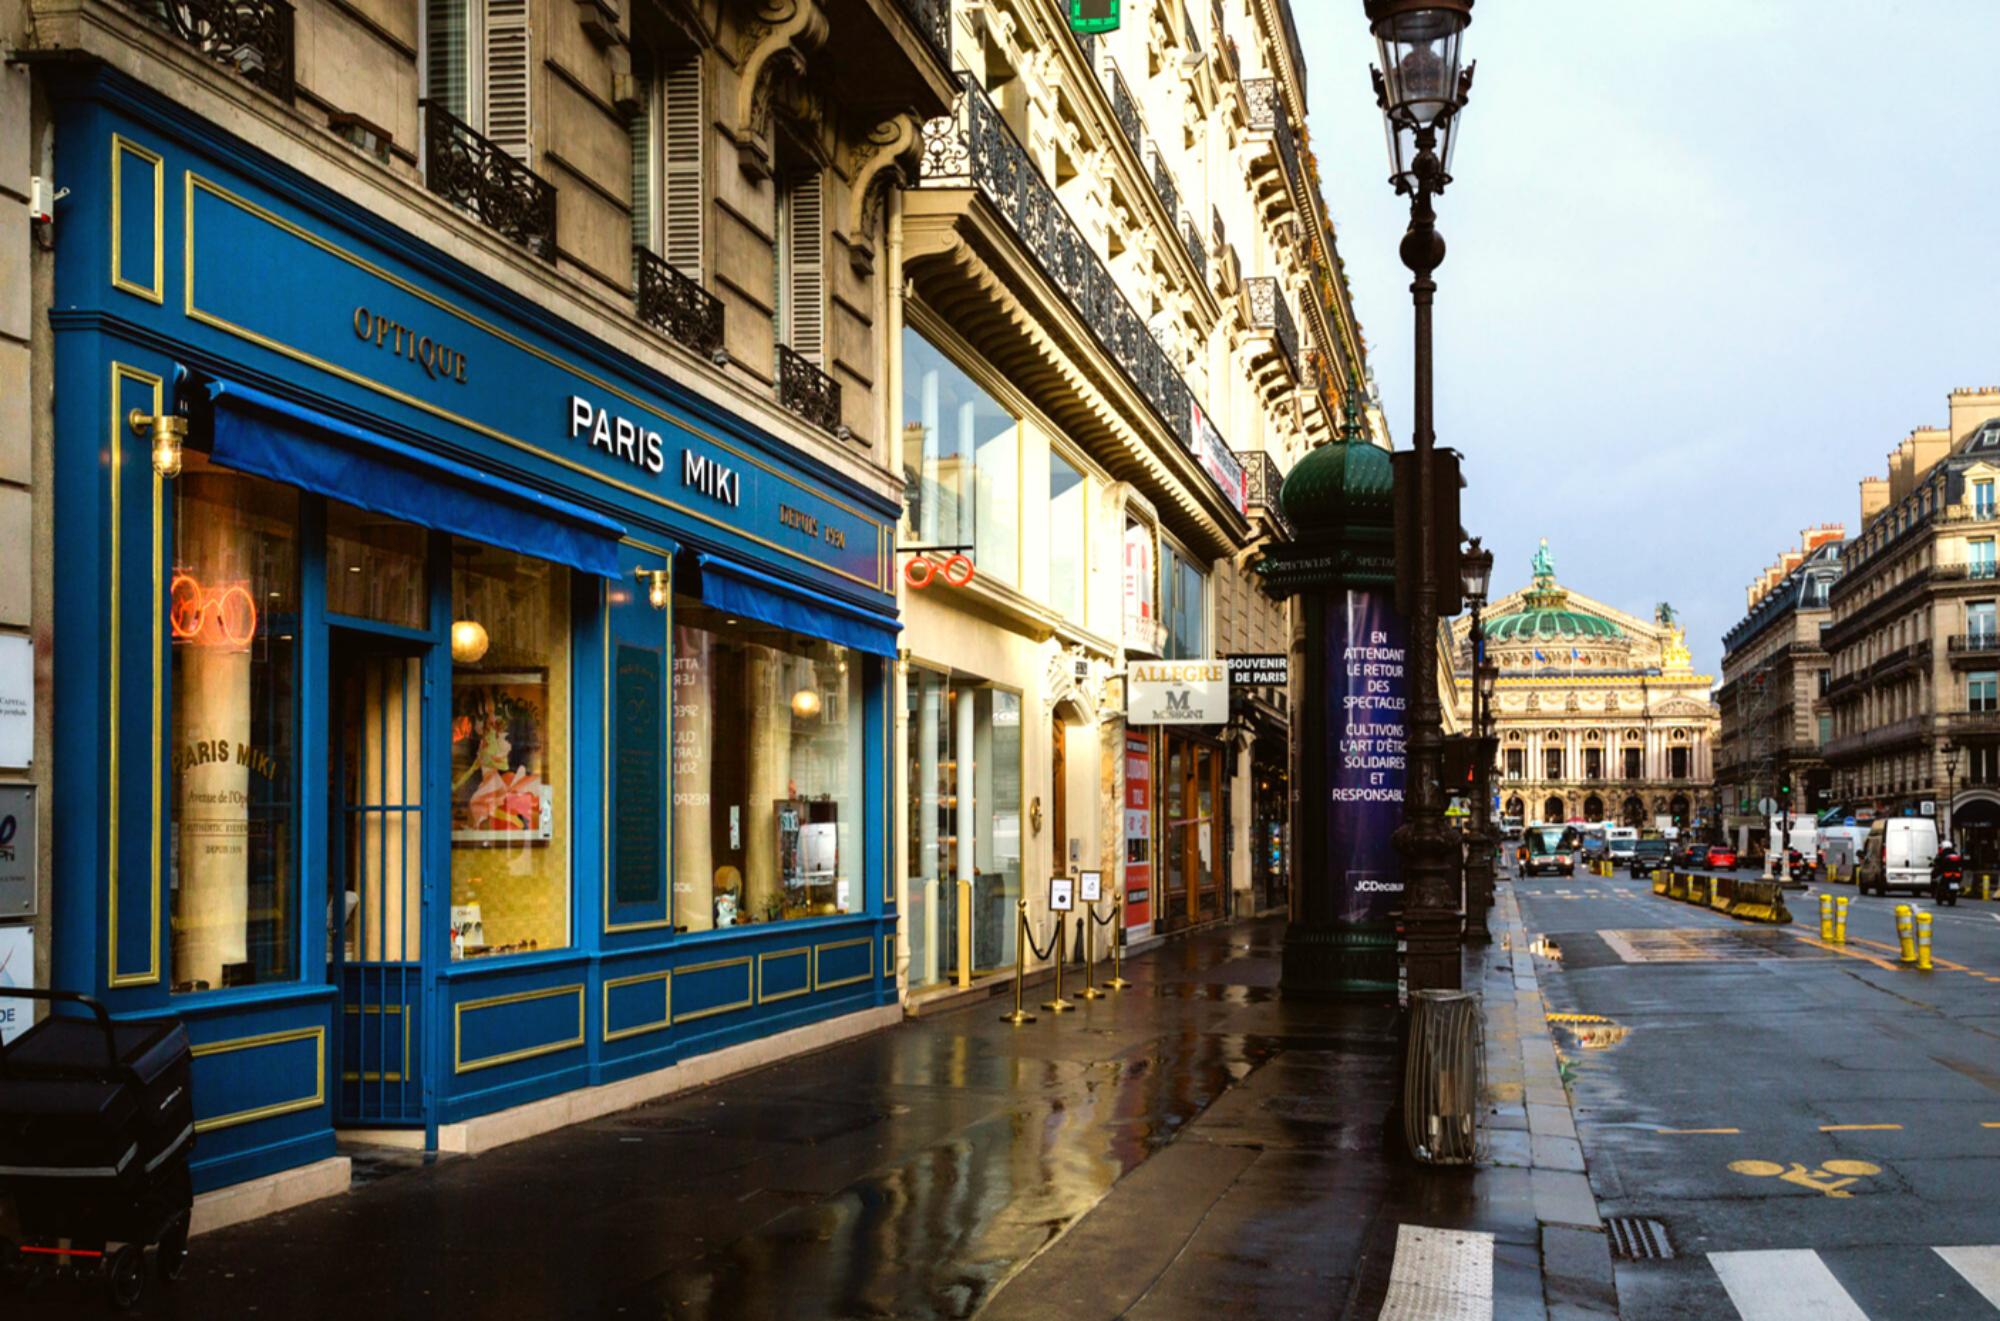 Paris Miki Opéra